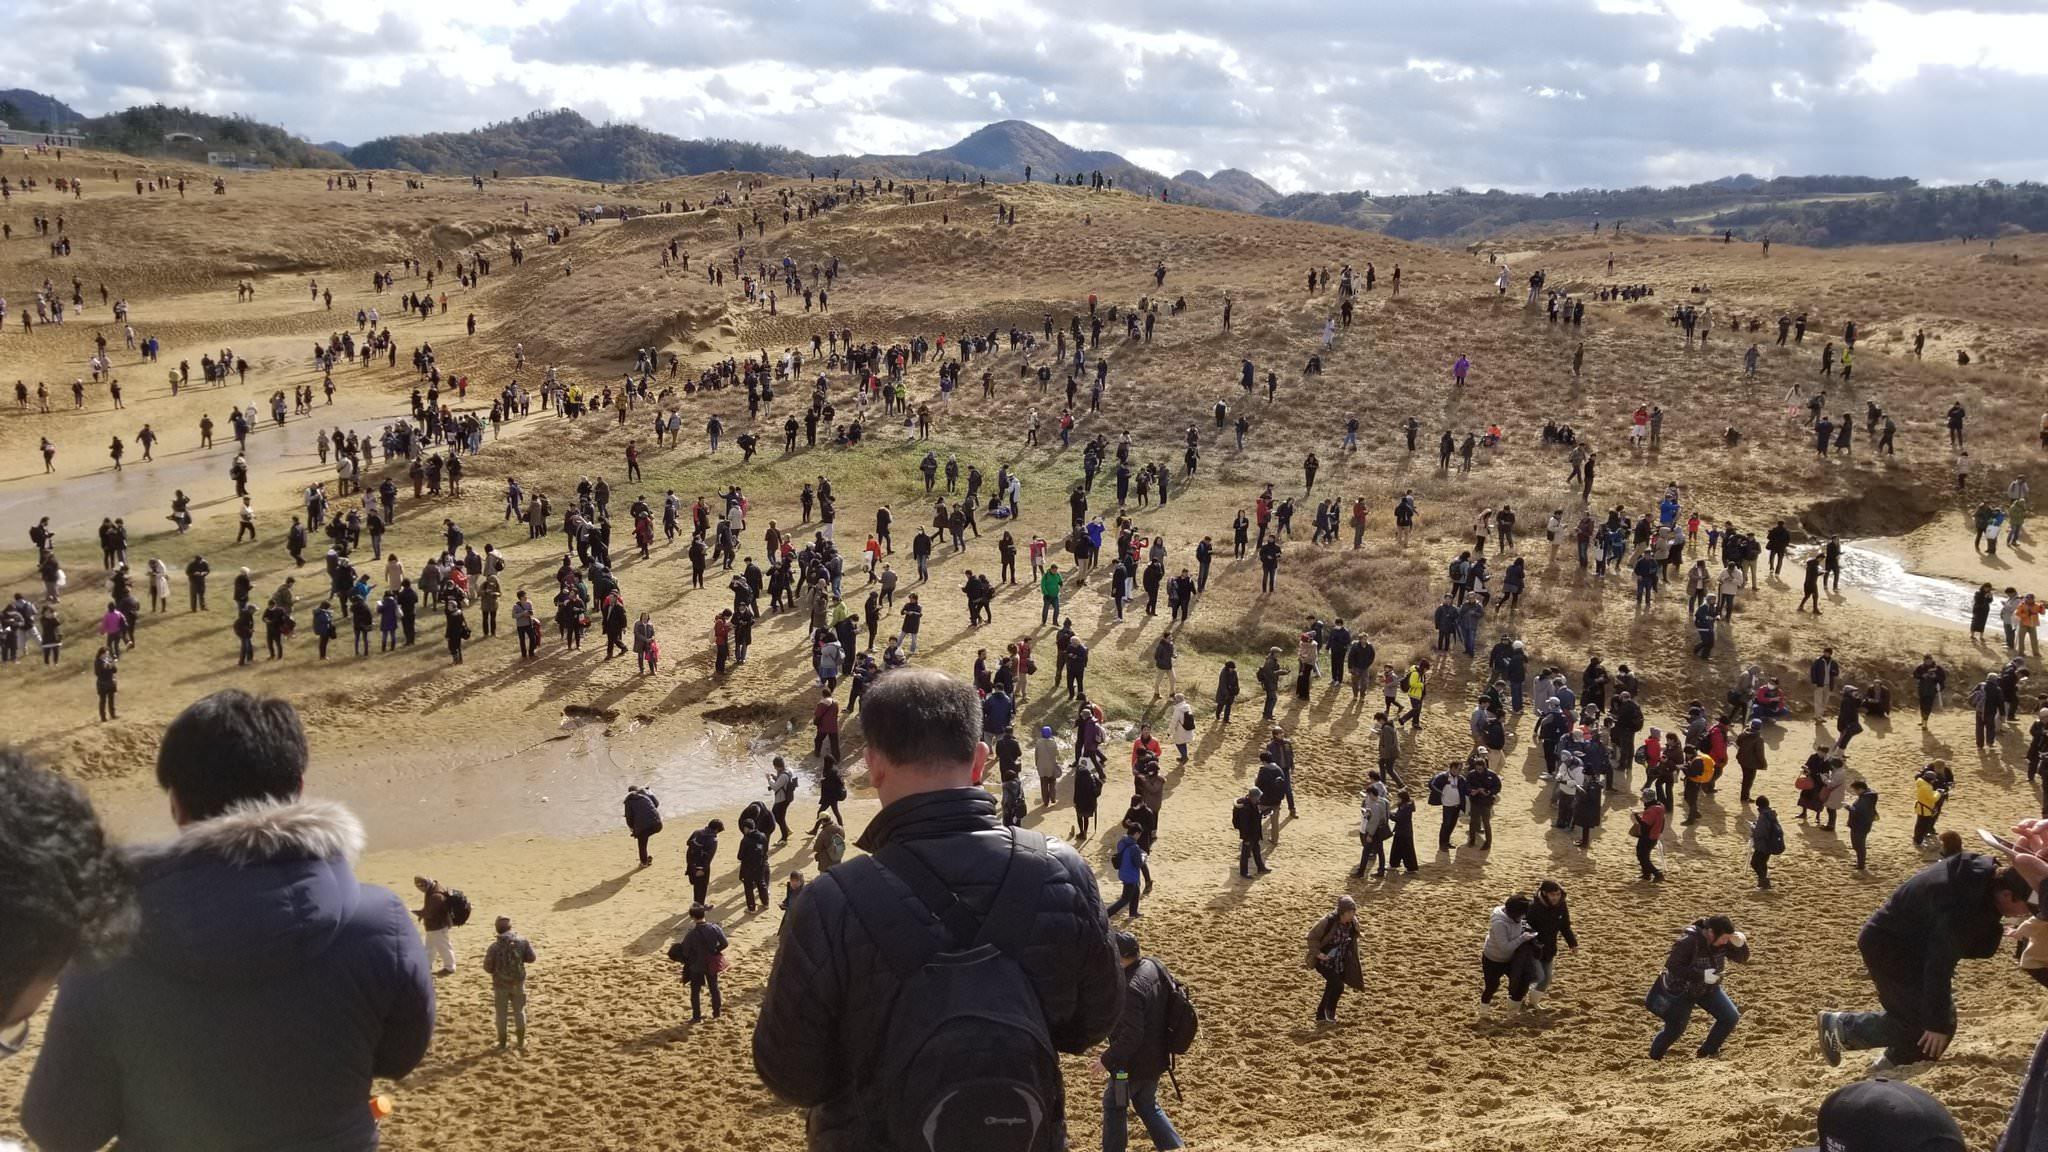 雪に包まれた鳥取砂丘がヤバい  [933382648]->画像>23枚